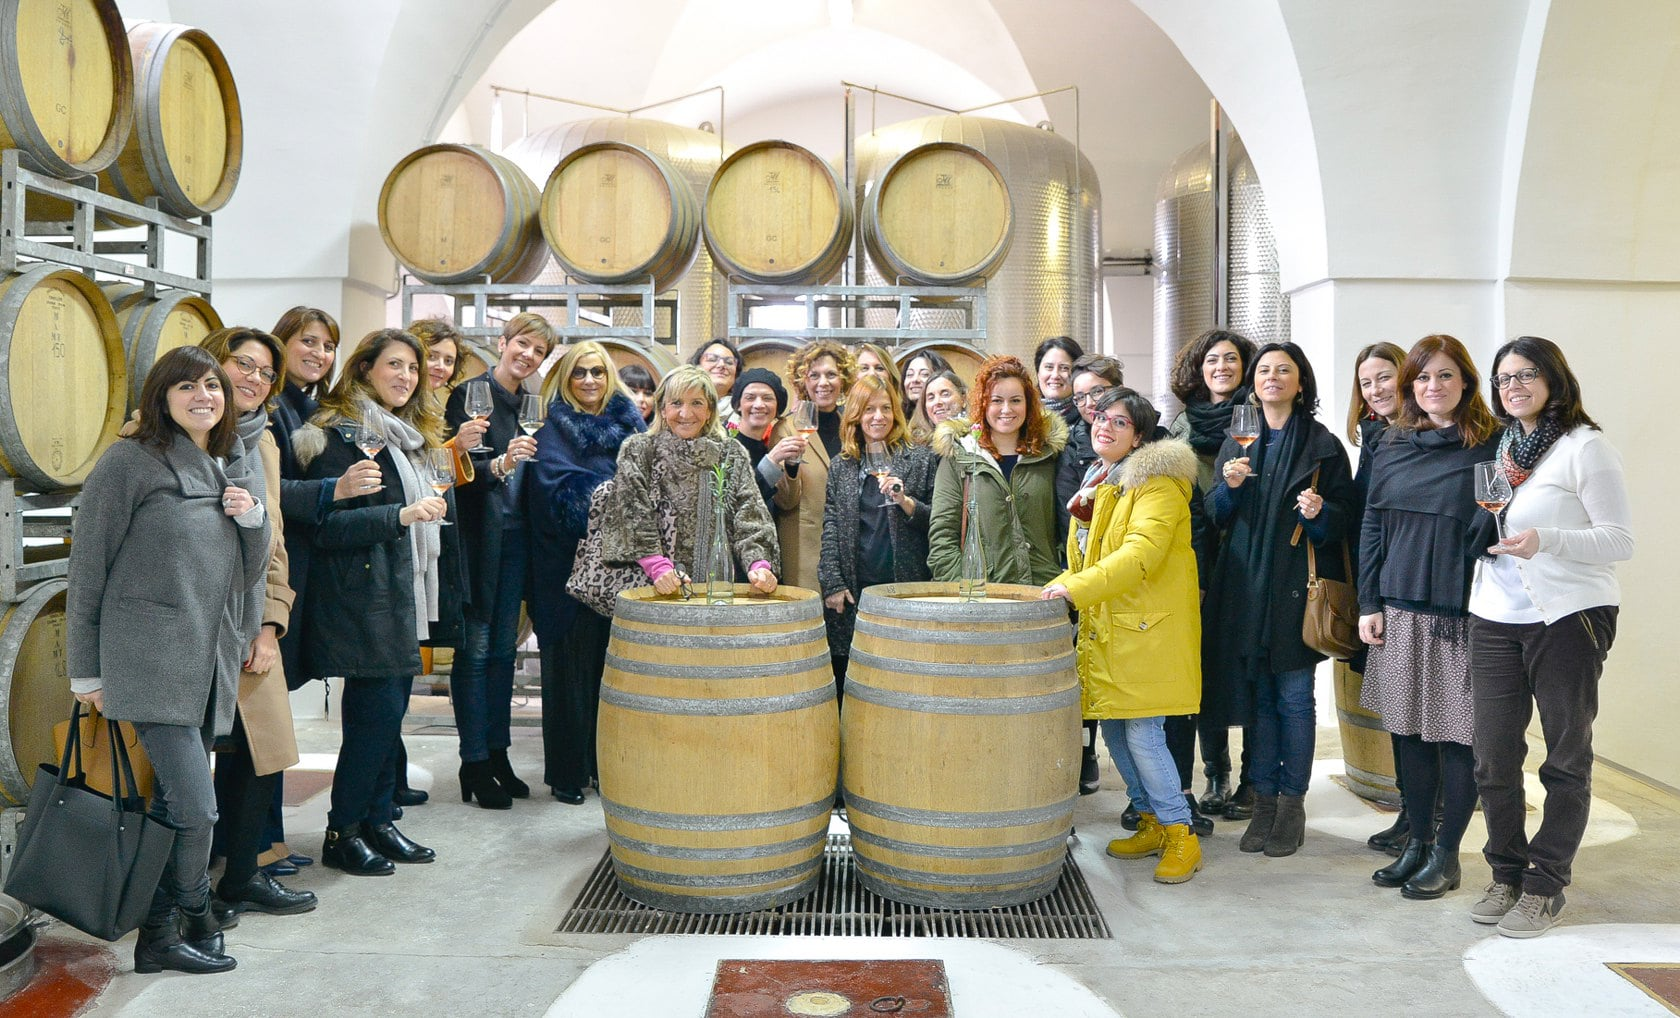 Festa delle Donne del Vino in Puglia Garofano Vigneti e Cantine 3 marzo 2018